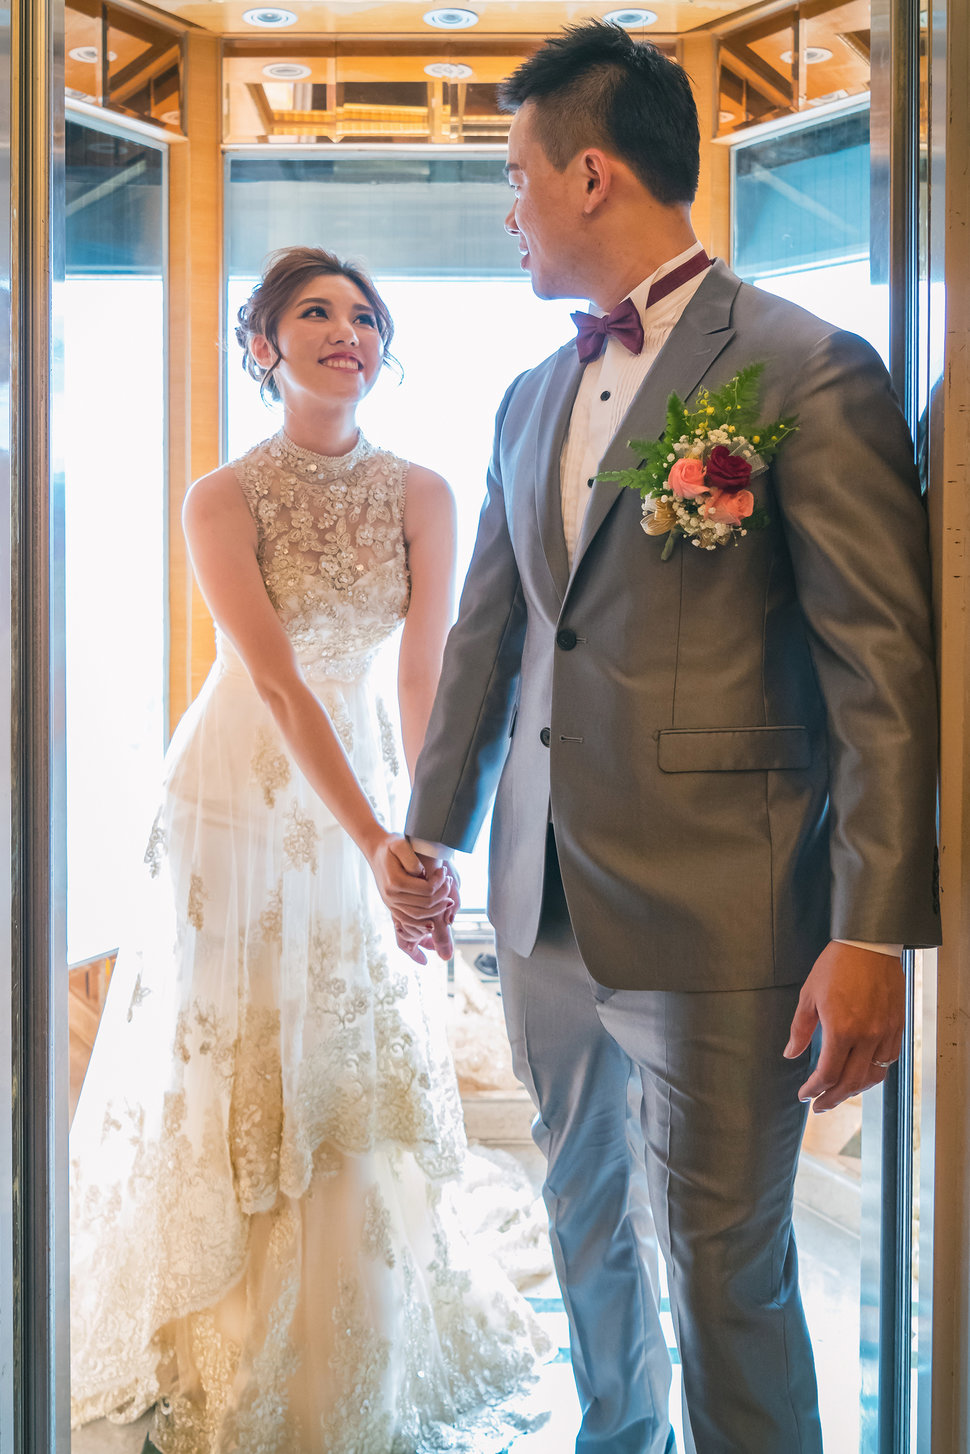 敏詣 & 世妍 補請 婚禮紀錄(編號:422870) - GI 影力 影像工作室 - 結婚吧一站式婚禮服務平台